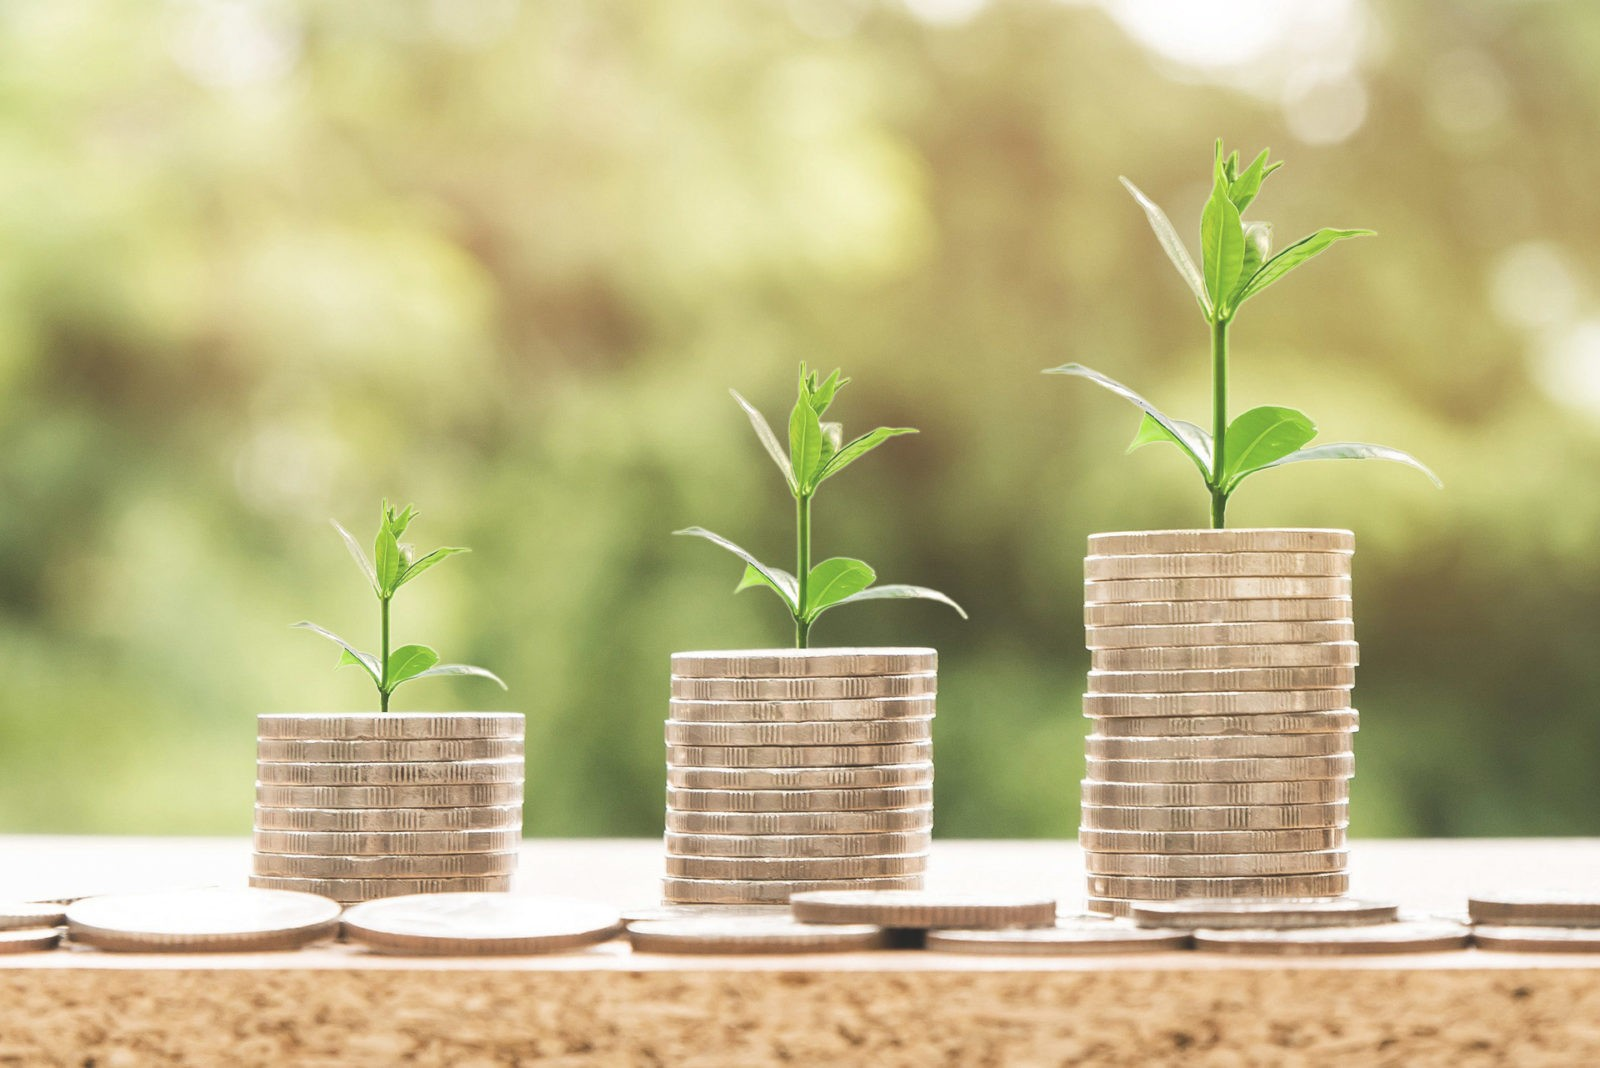 Finanzen und Finanzielle Freiheit bei Diamond Management